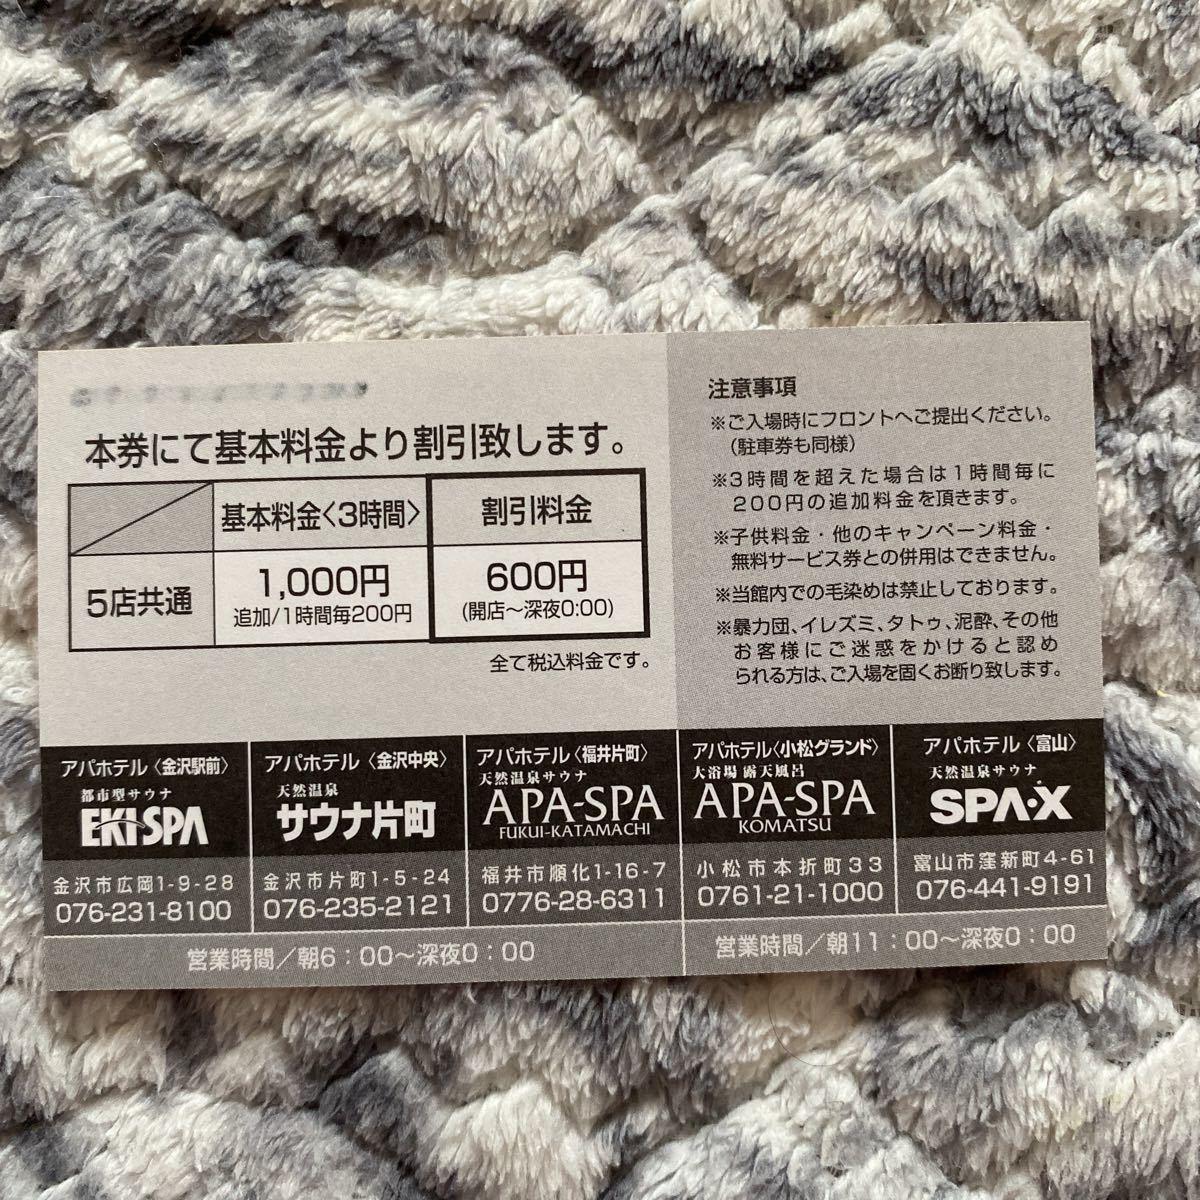 アパホテル 入泉割引券_画像2